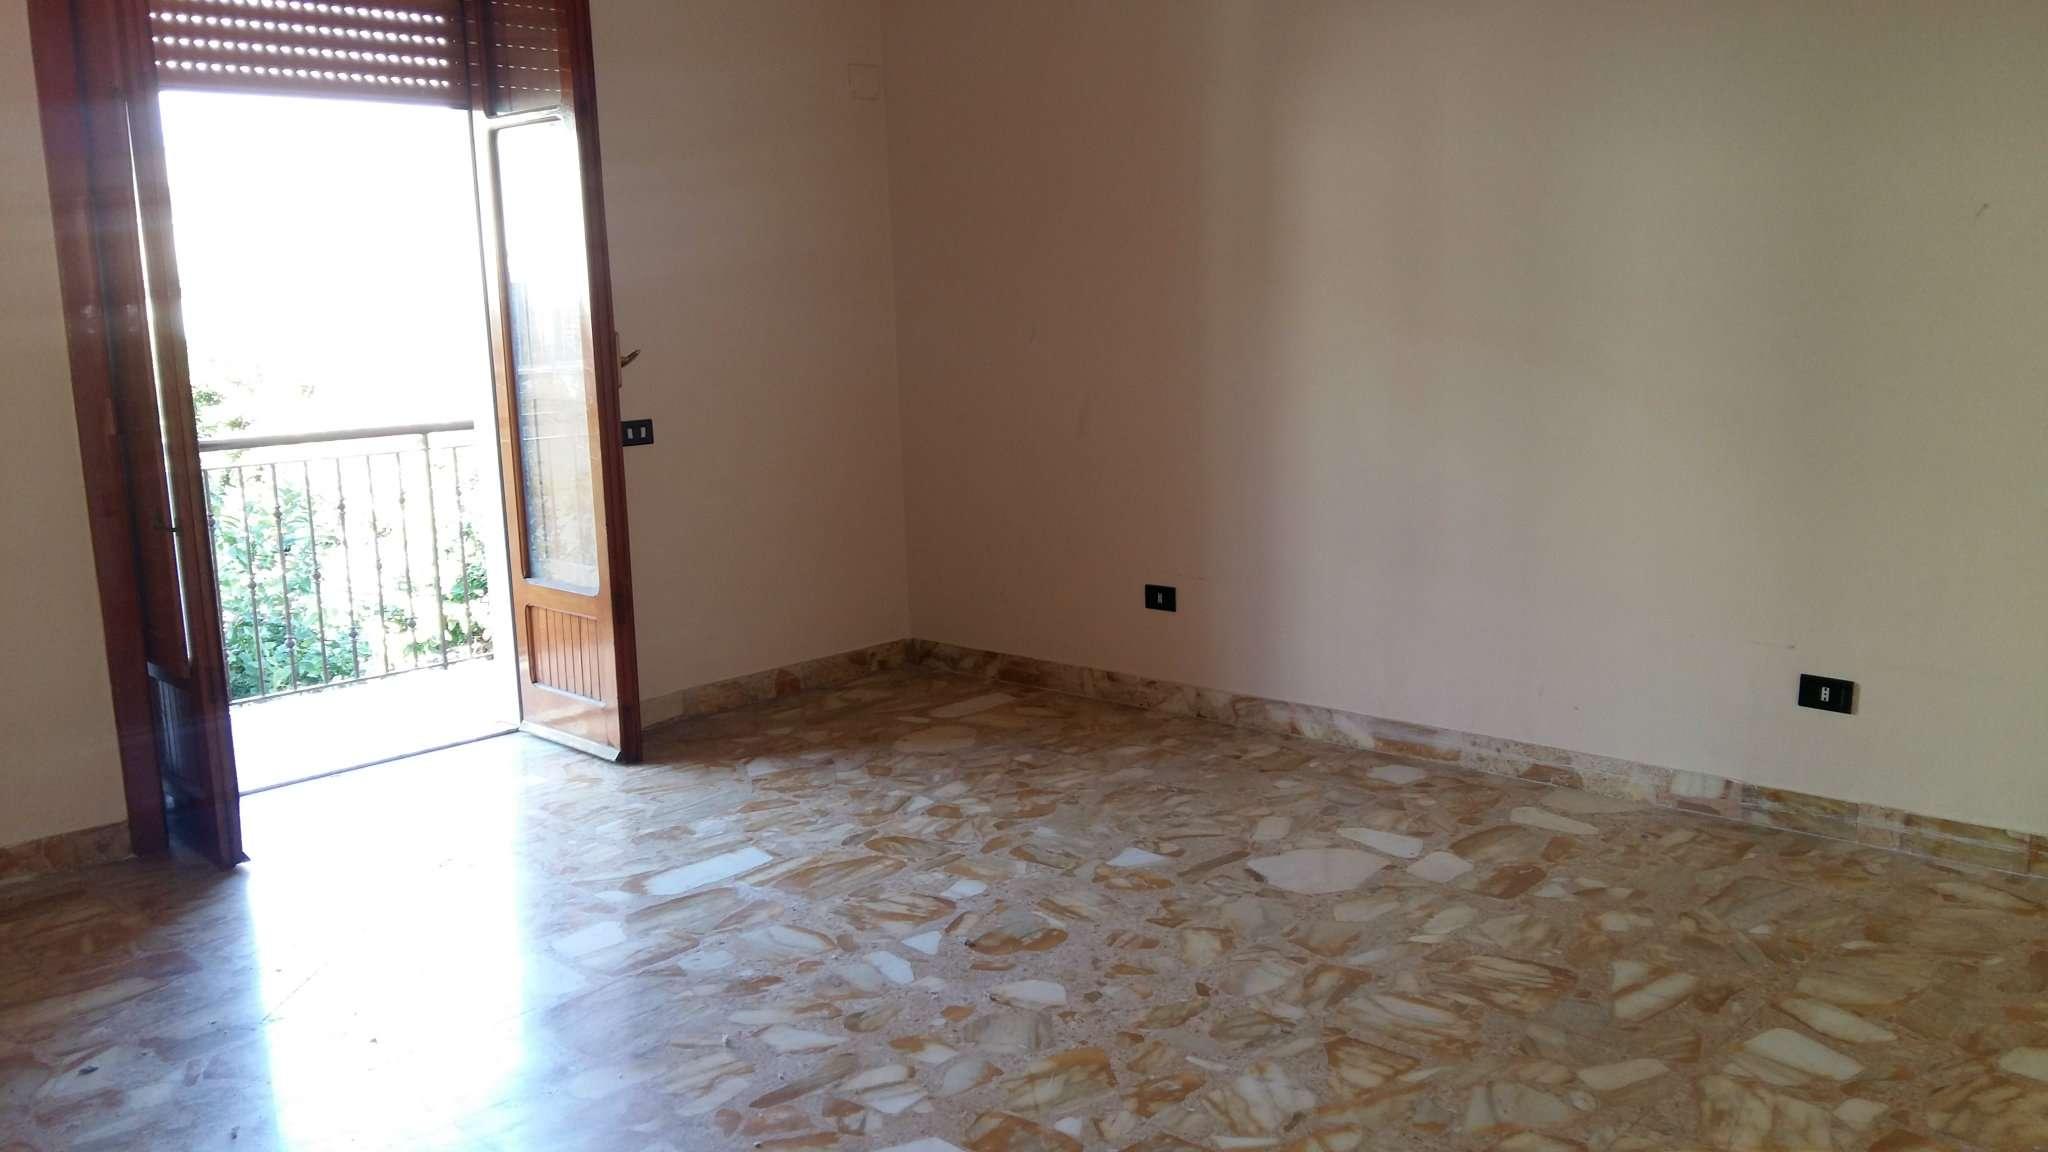 Appartamento in affitto a Mariglianella, 3 locali, prezzo € 380 | CambioCasa.it